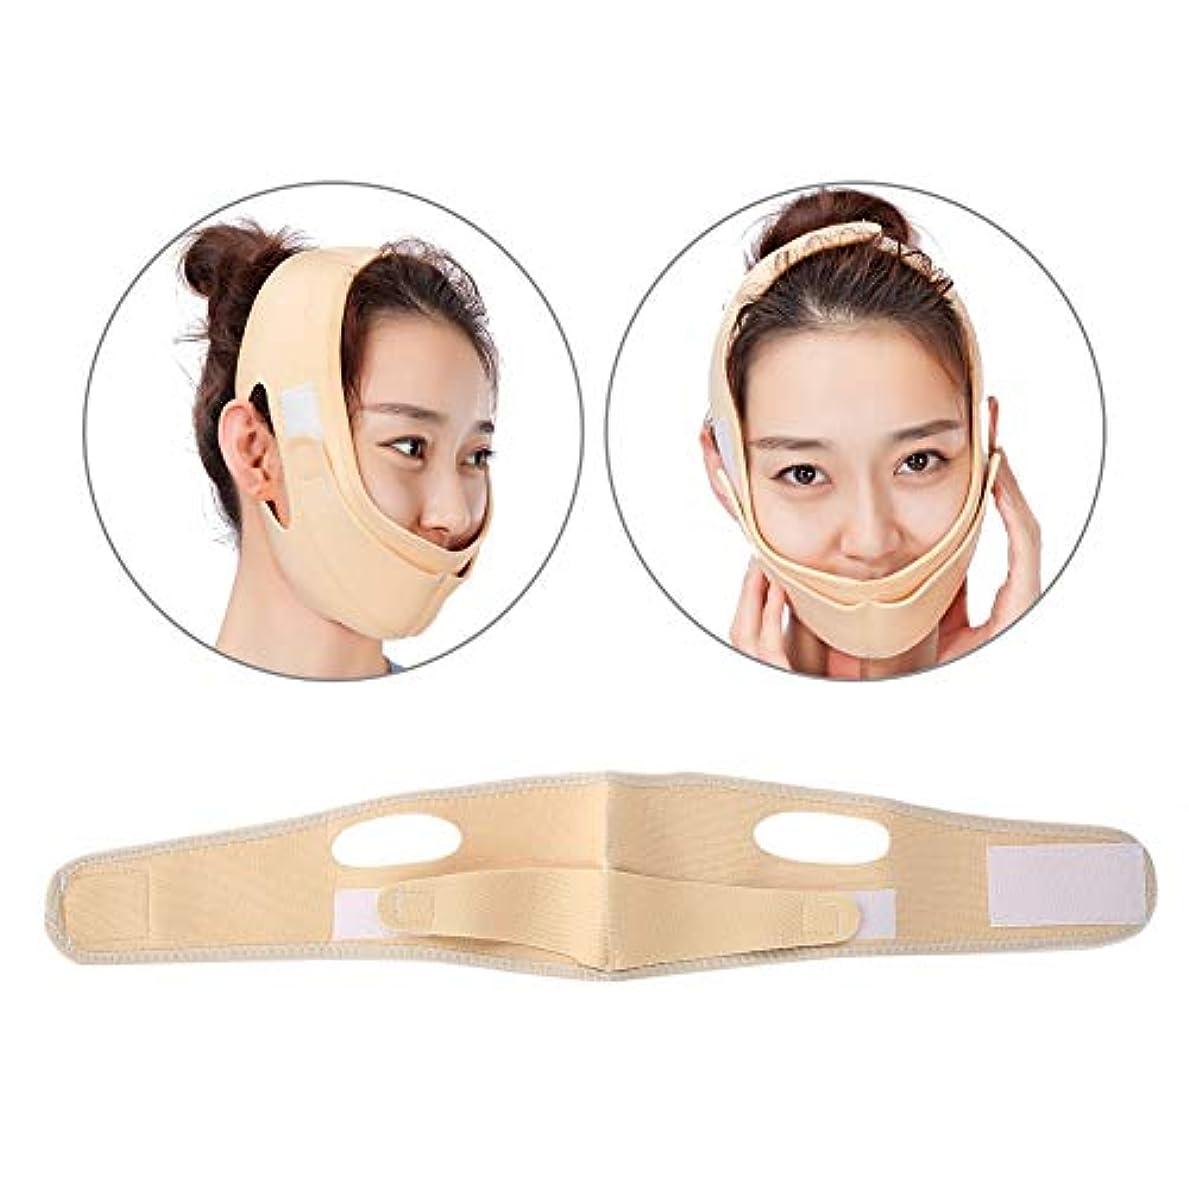 拒絶する上下する崖フェイスリフト用 フェイスマスク 顔輪郭を改善する 美容包帯 通気性/伸縮性/変形不可(01)